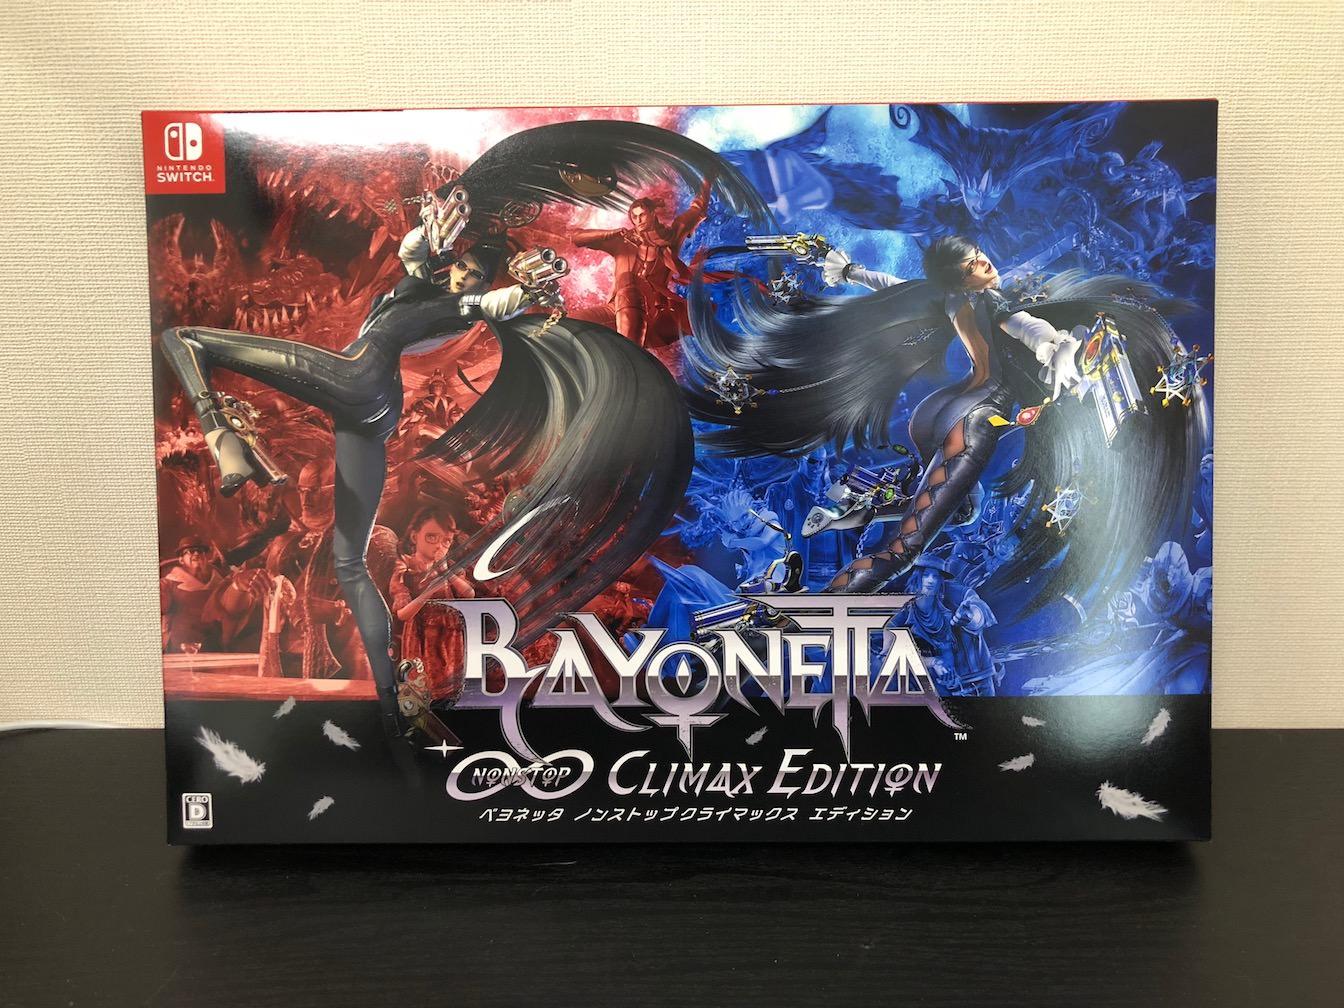 Bayonetta non stop climax edition review 1